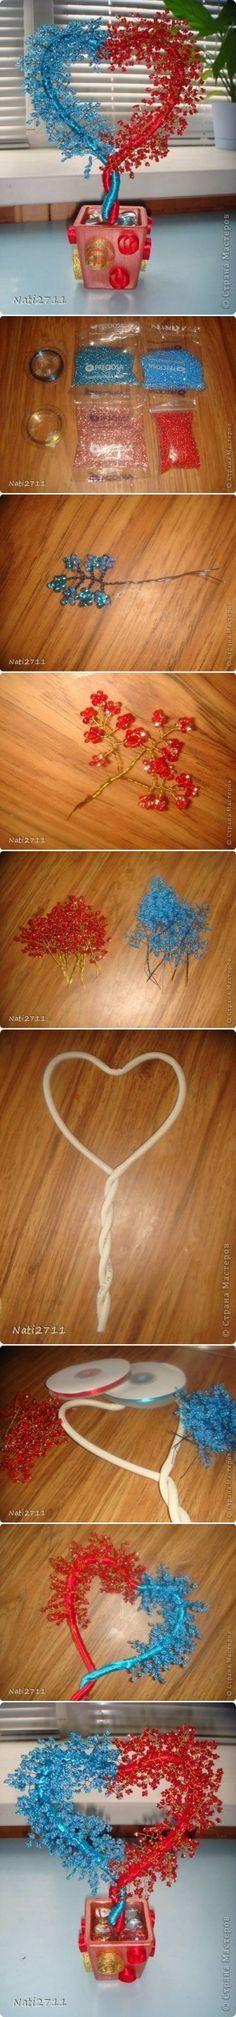 Como hacer Árbol de Amor paso a paso las INSTRUCCIONES de bricolaje fotos tutorial 400x3420 Como hacer Árbol de Amor paso a paso las instrucc ...